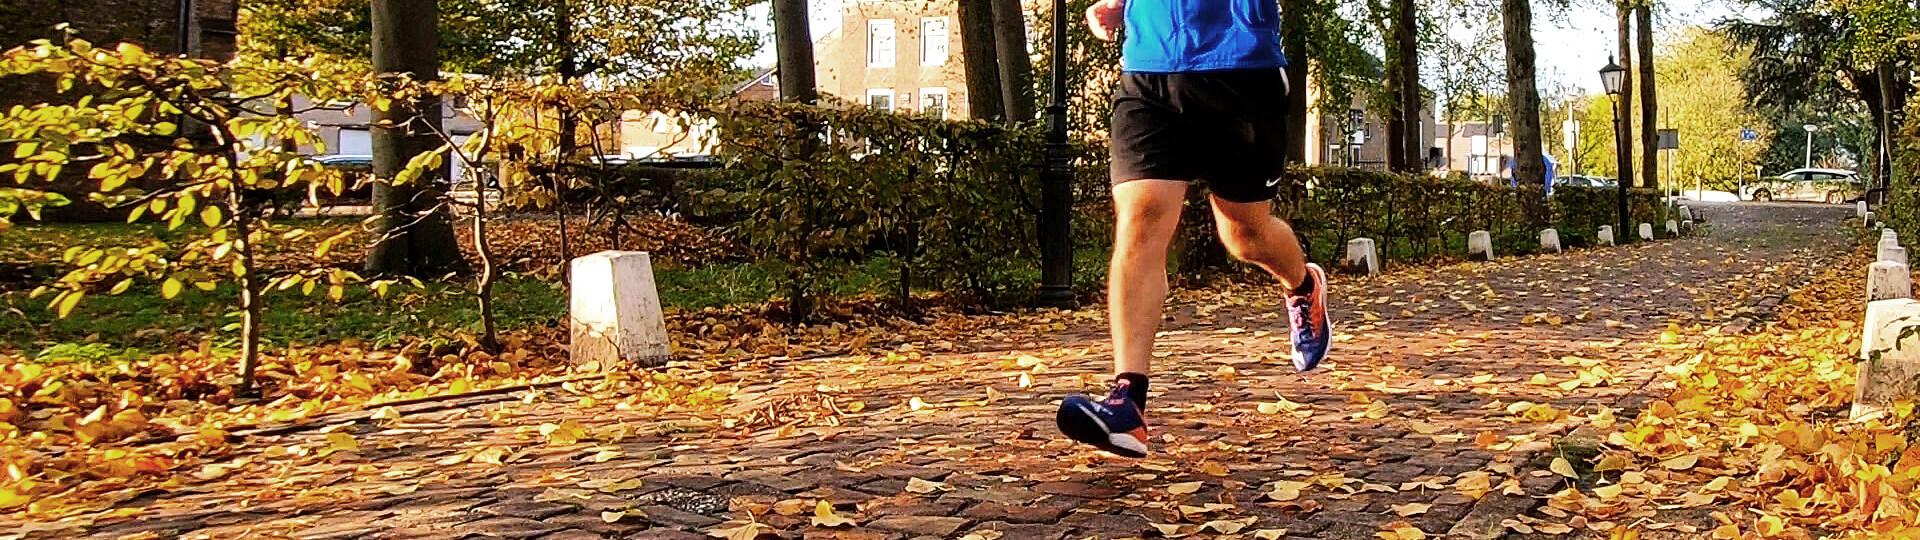 Hardloopschema voor beginners 5 kilometer hardlopen